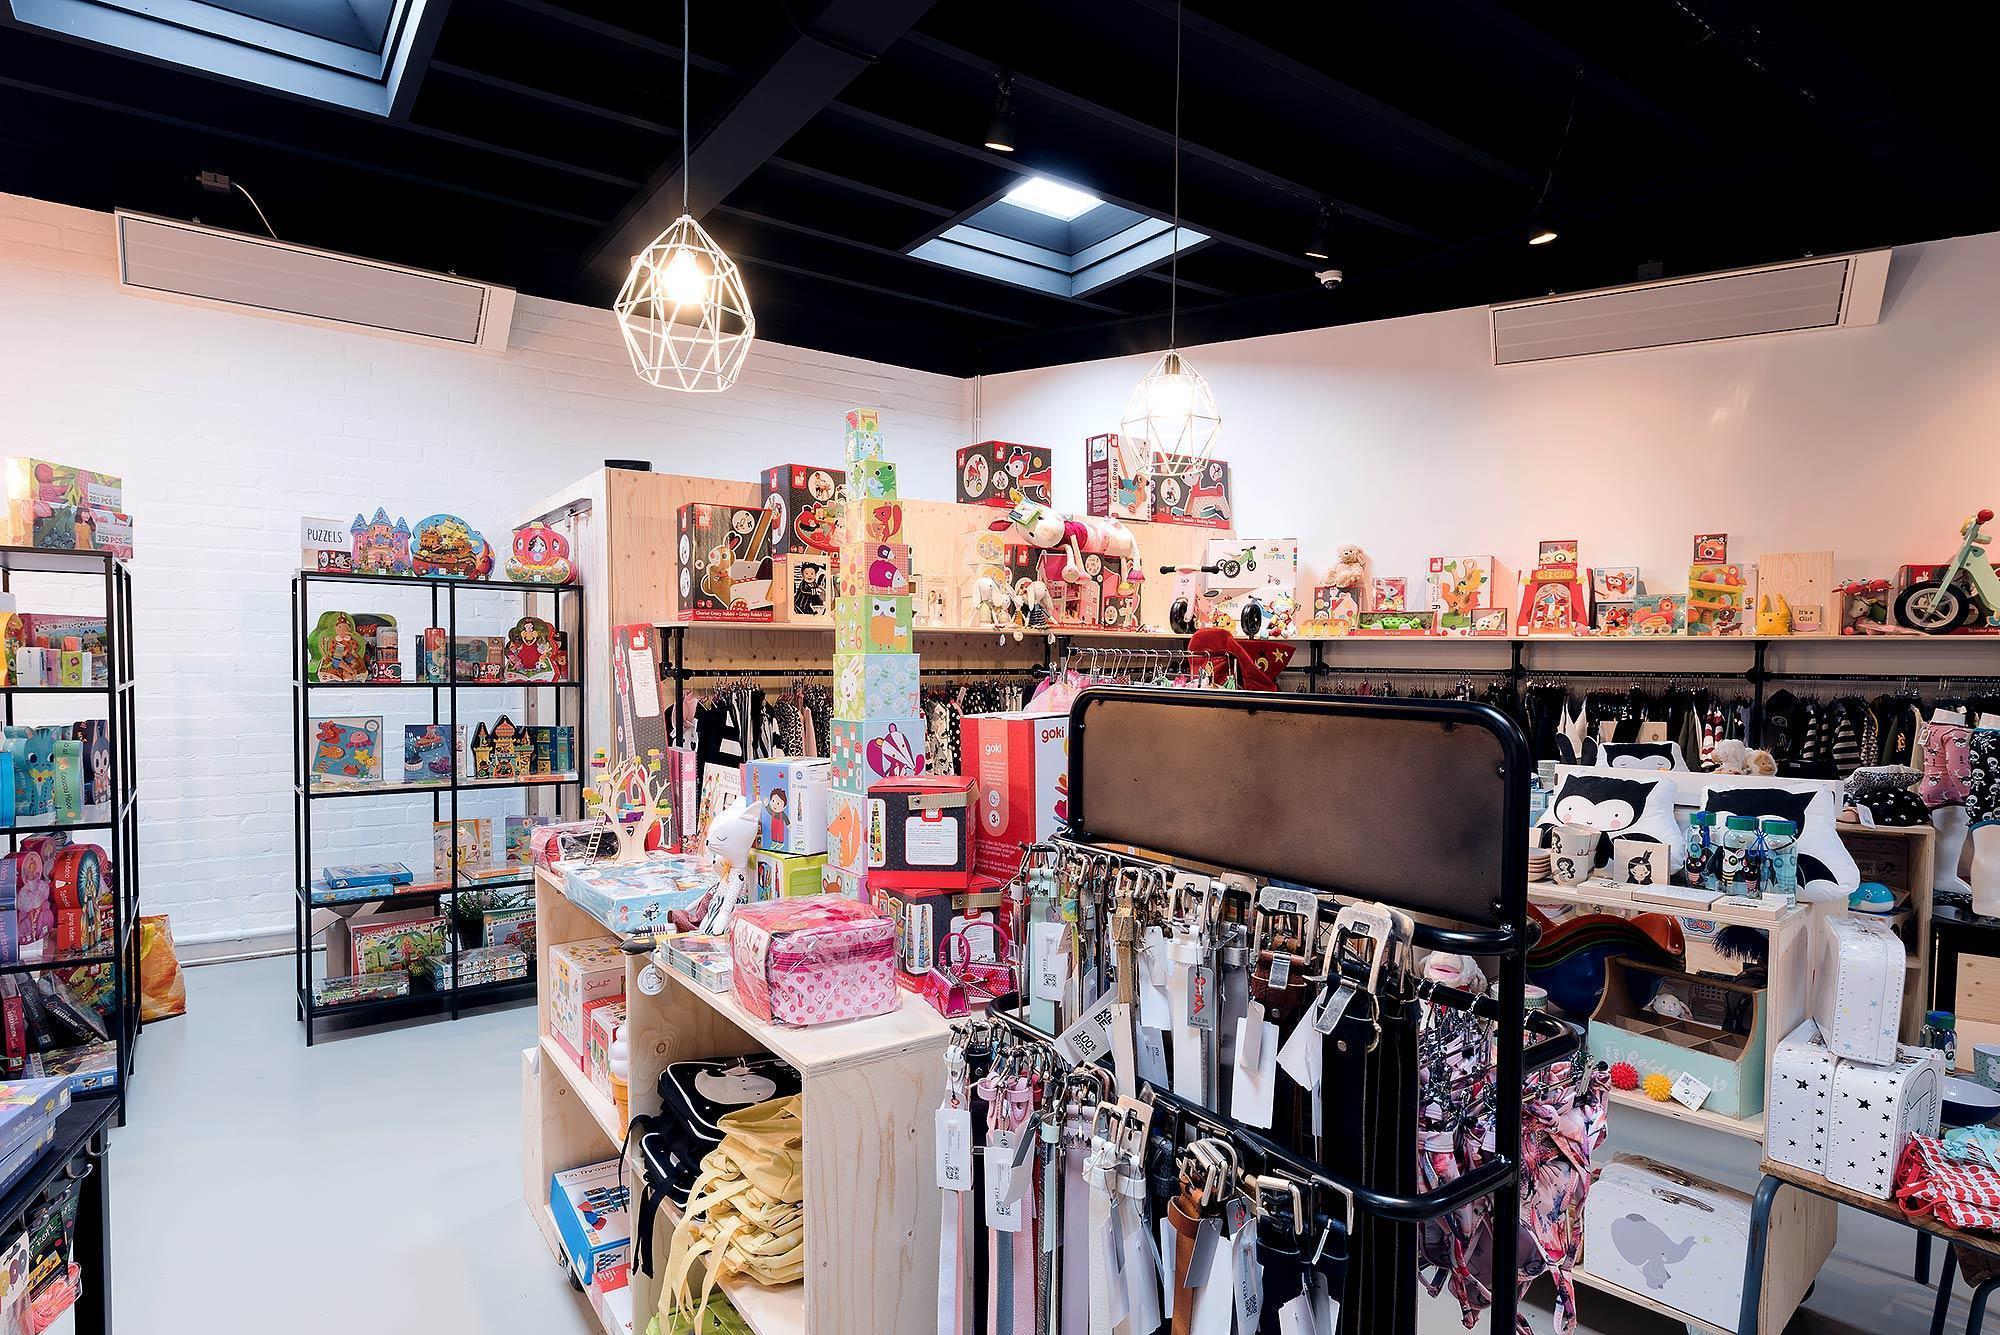 Kledingwinkel en yogastudio voorzien van infraroodverwarming - Helmond